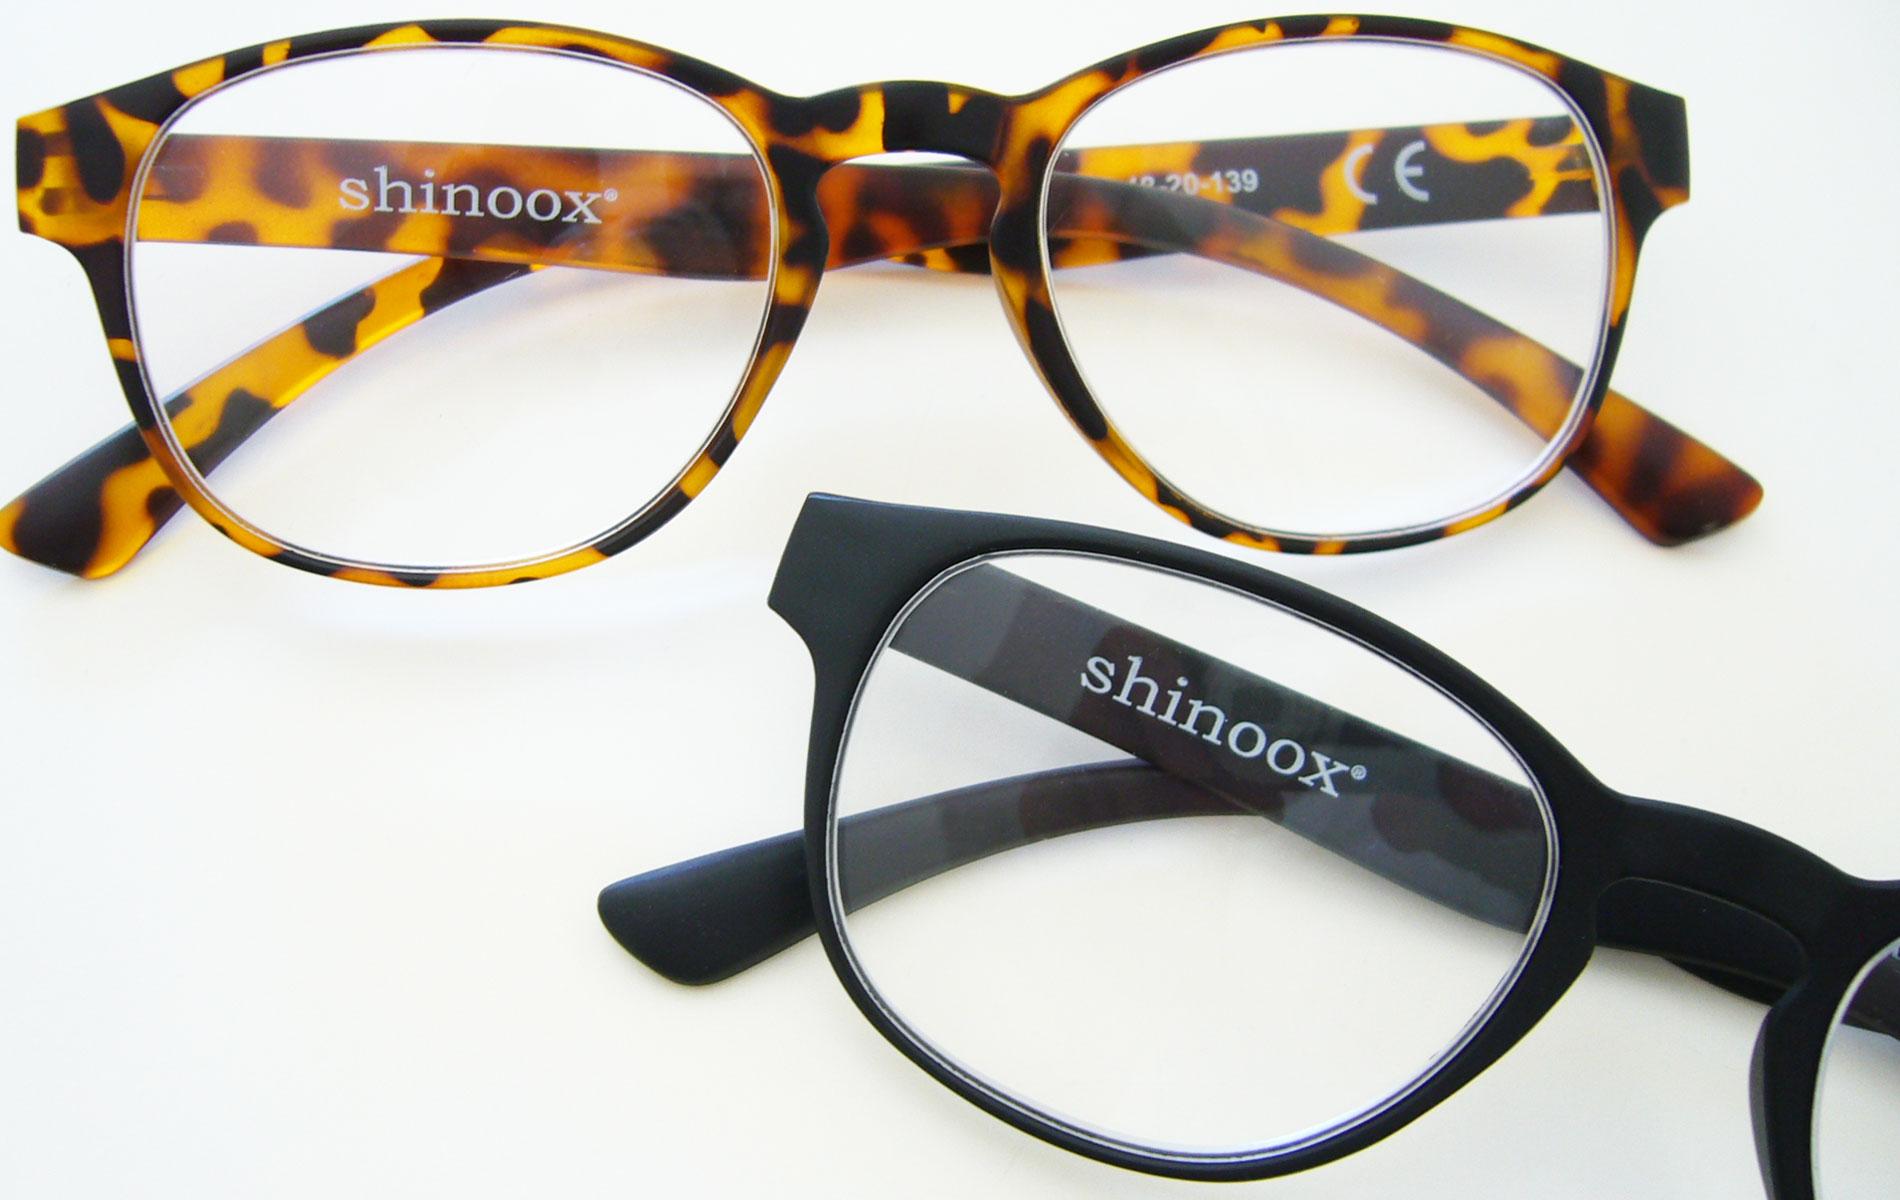 occhiali shinoox lettura turtle e black